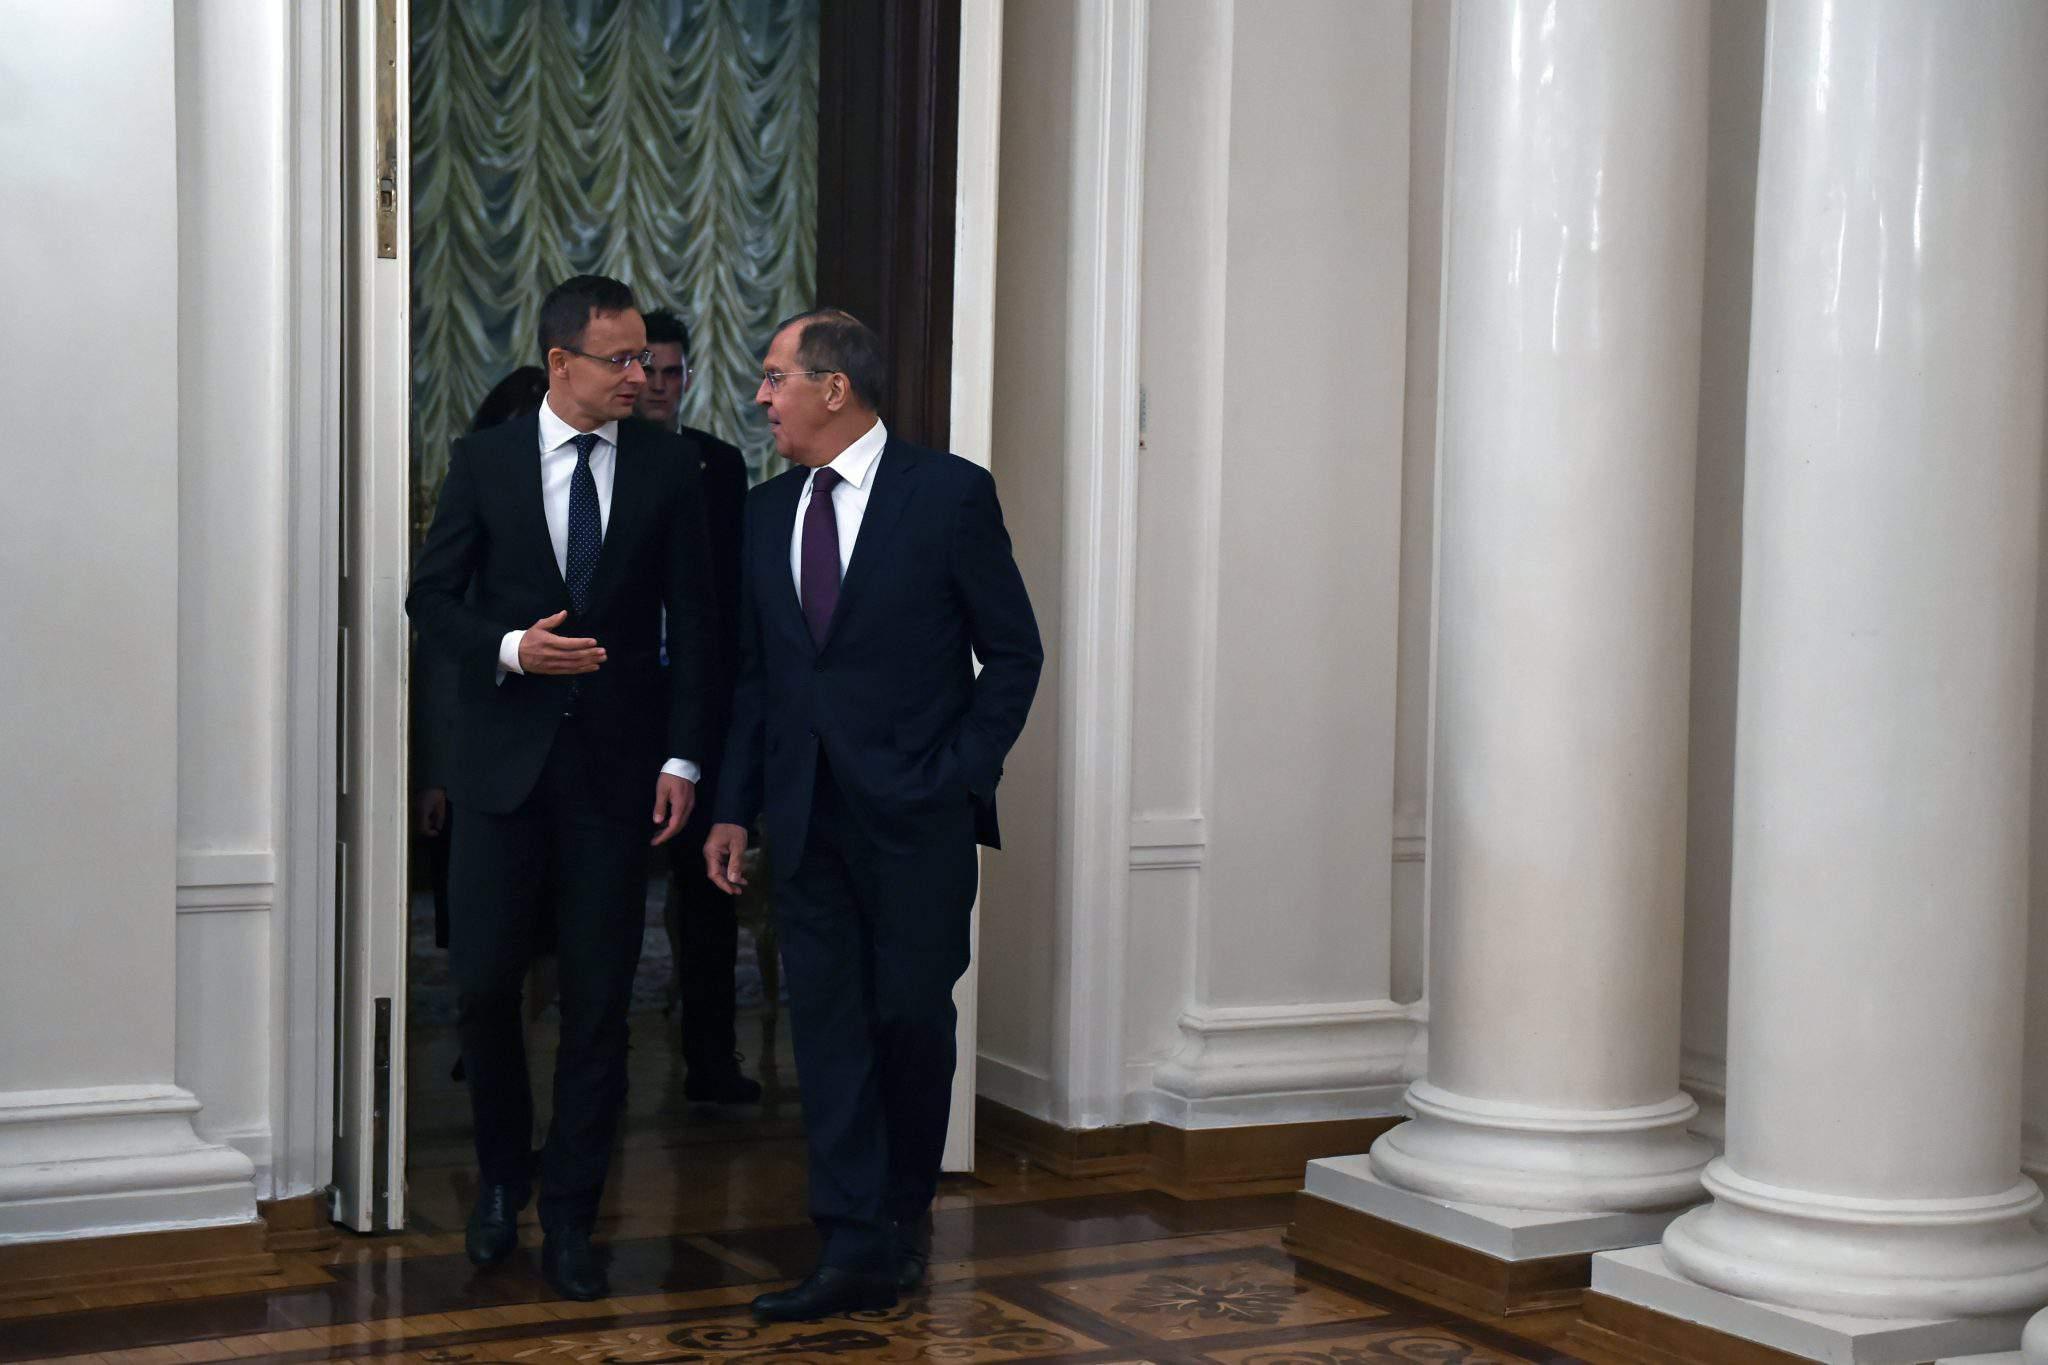 Russia Hungary ties